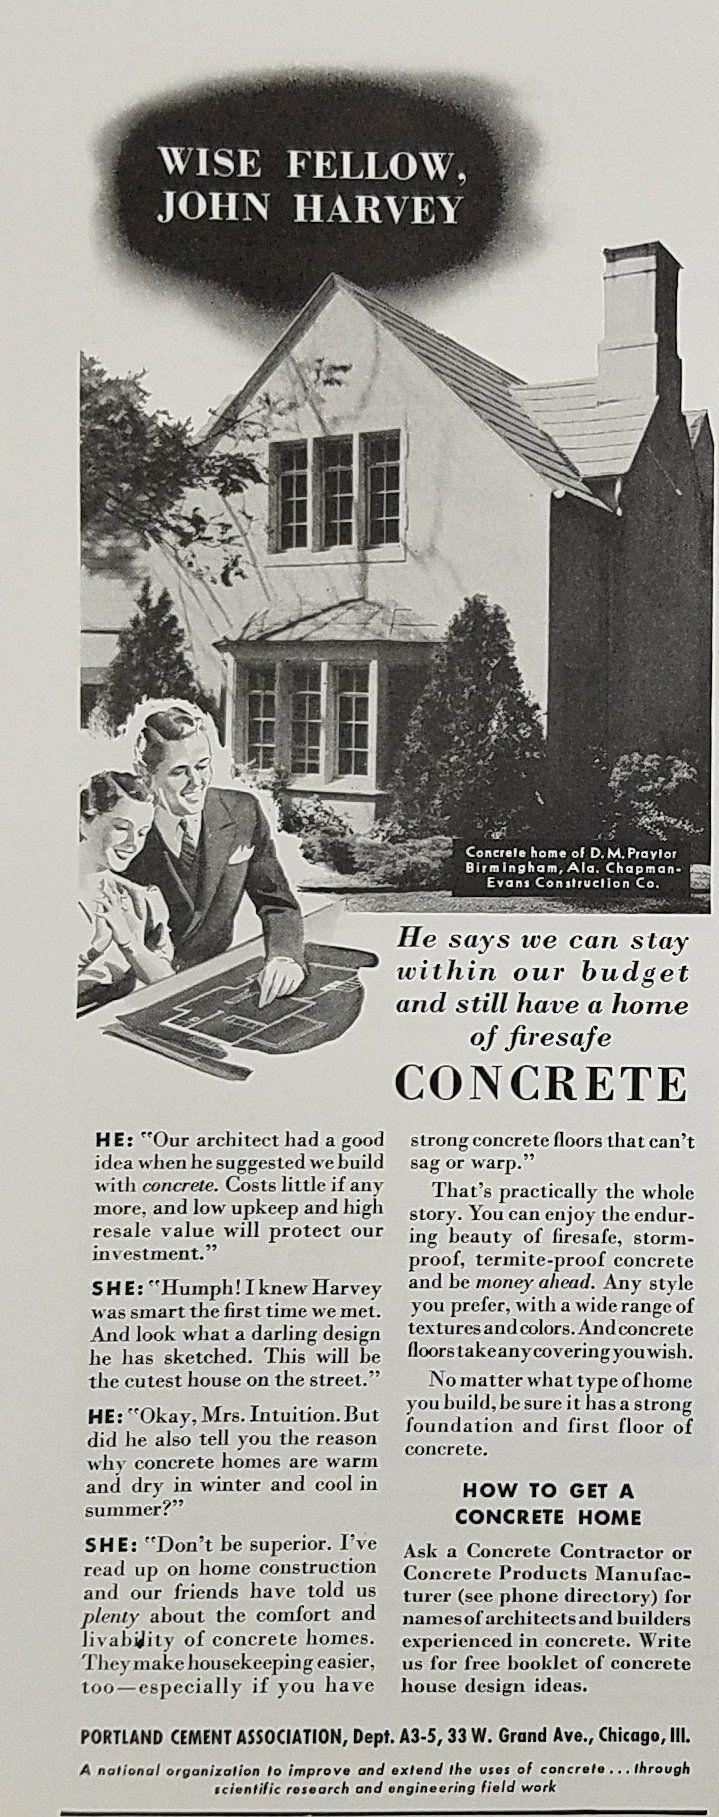 1940 Portland Cement Association Vintage Ad